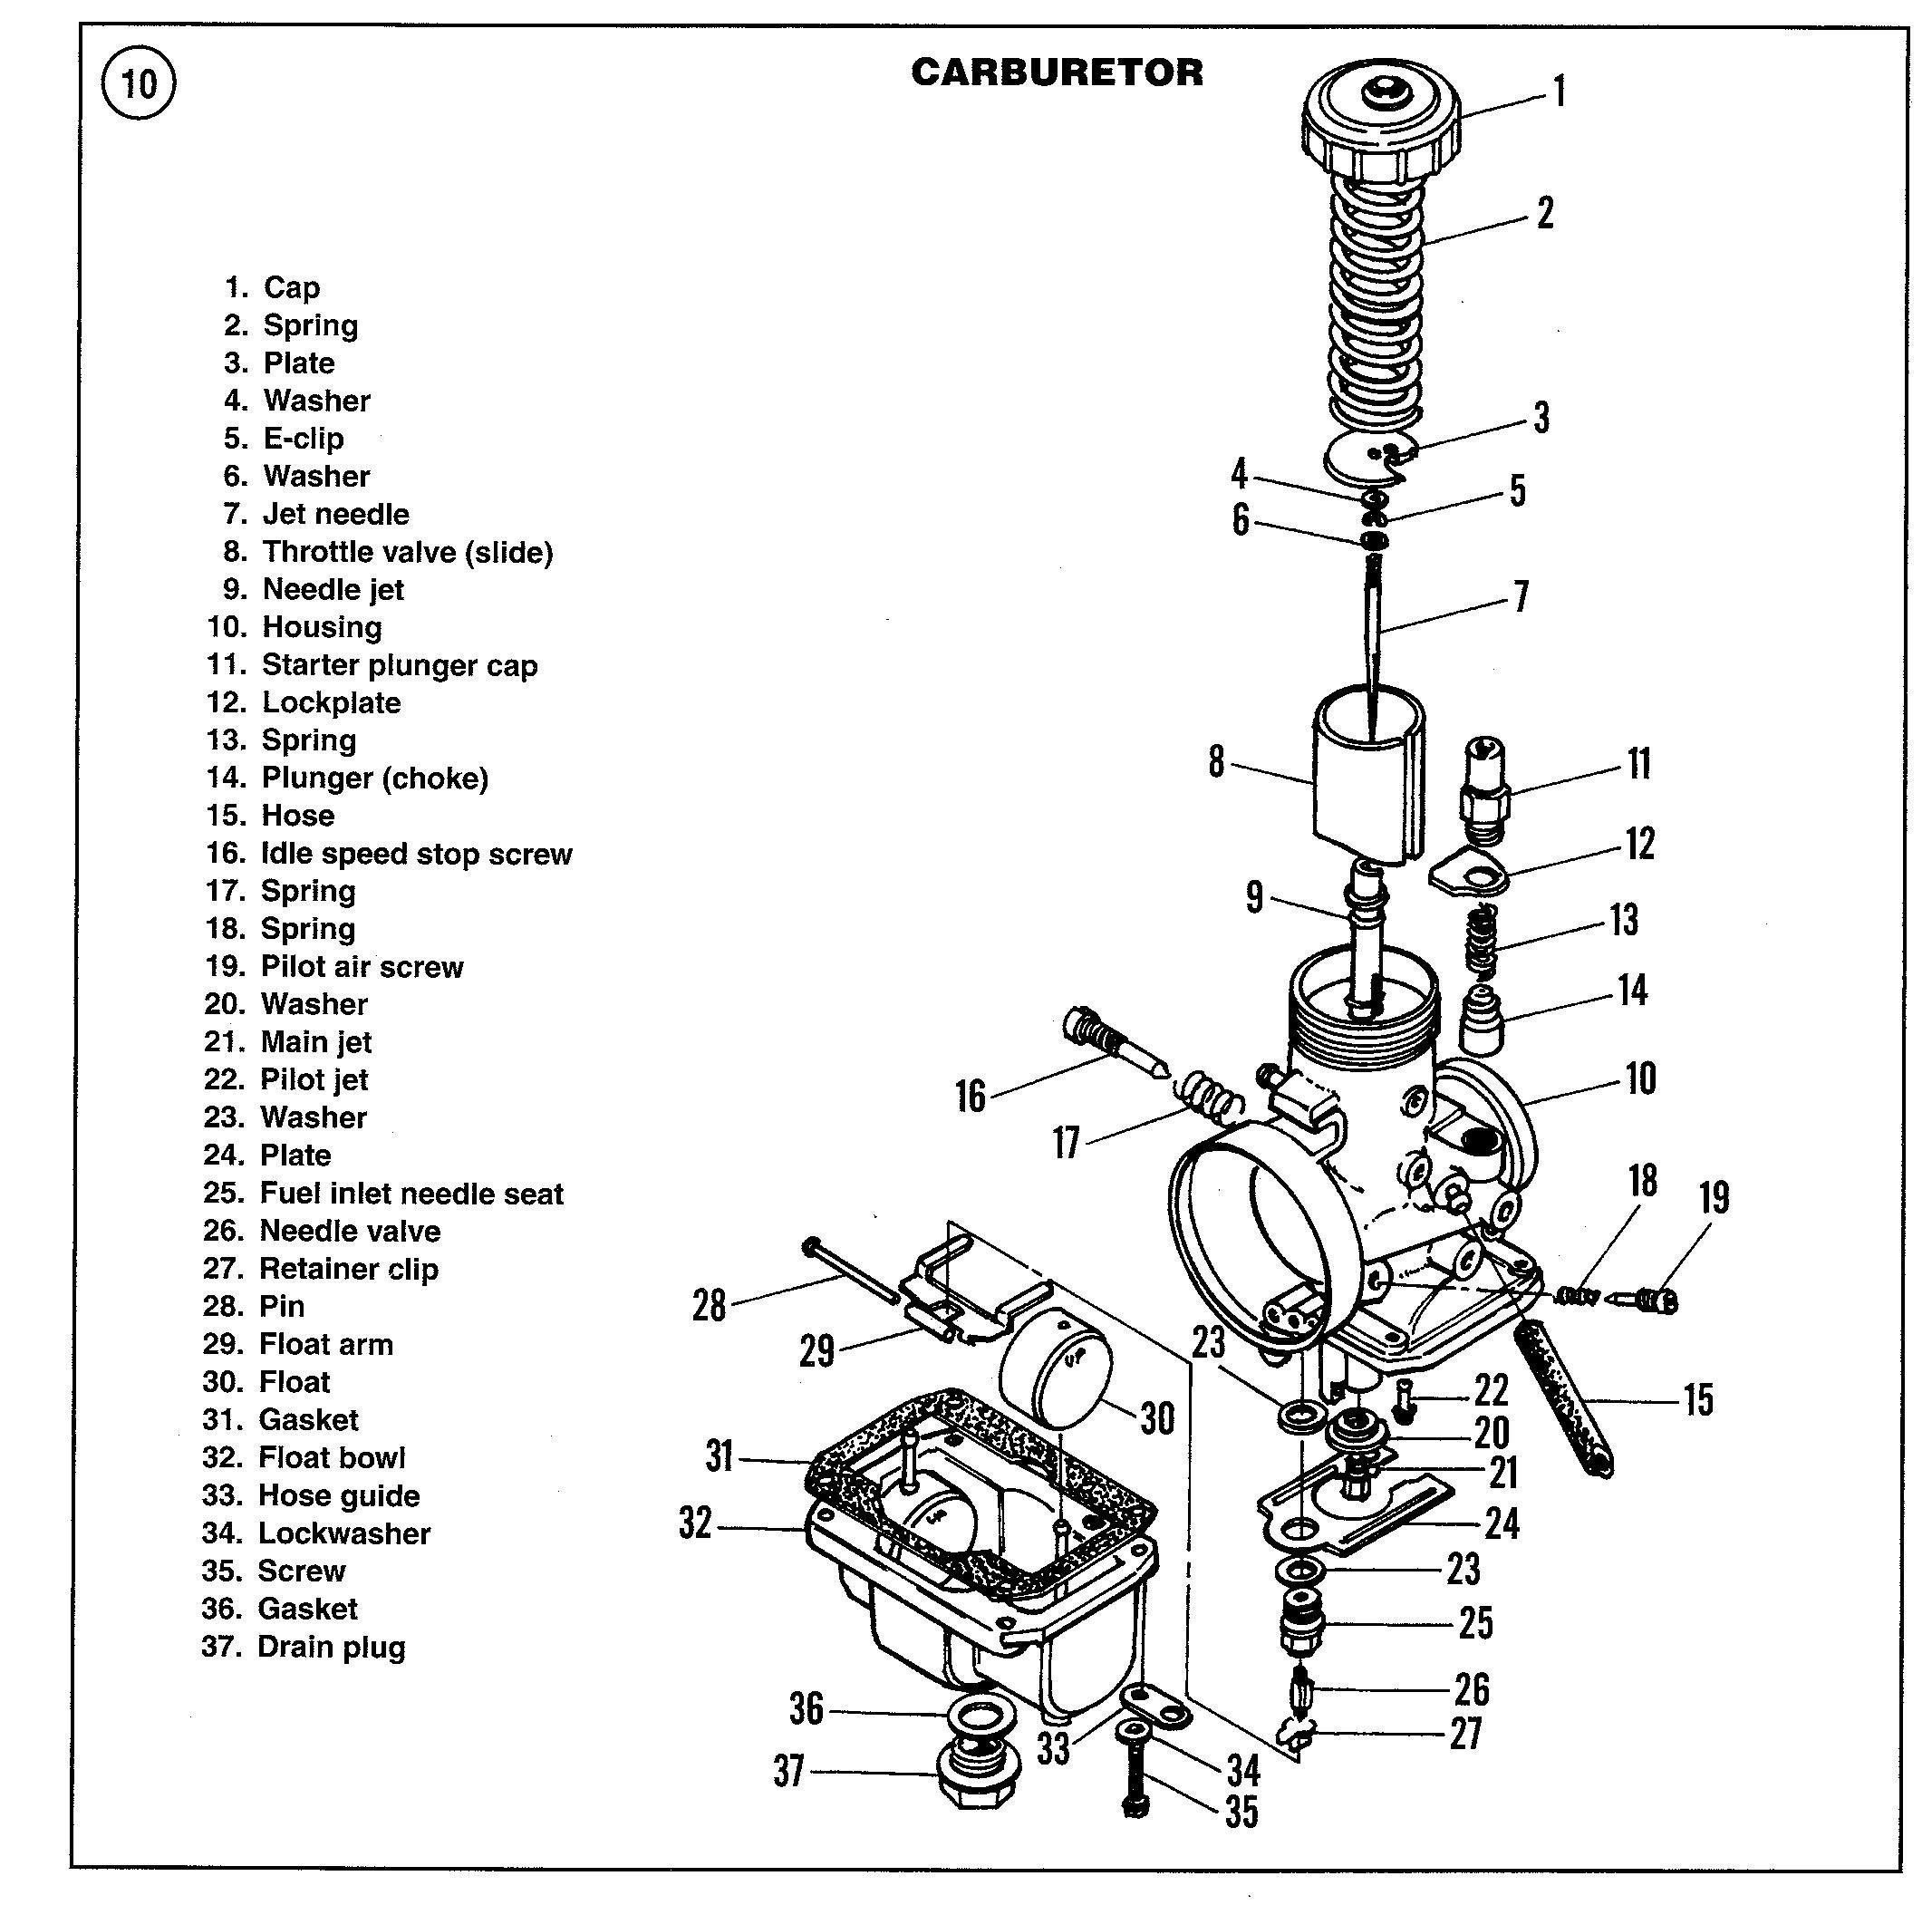 yamaha electric guitar wiring diagram yamaha discover your yamaha moto 4 350 wiring diagram